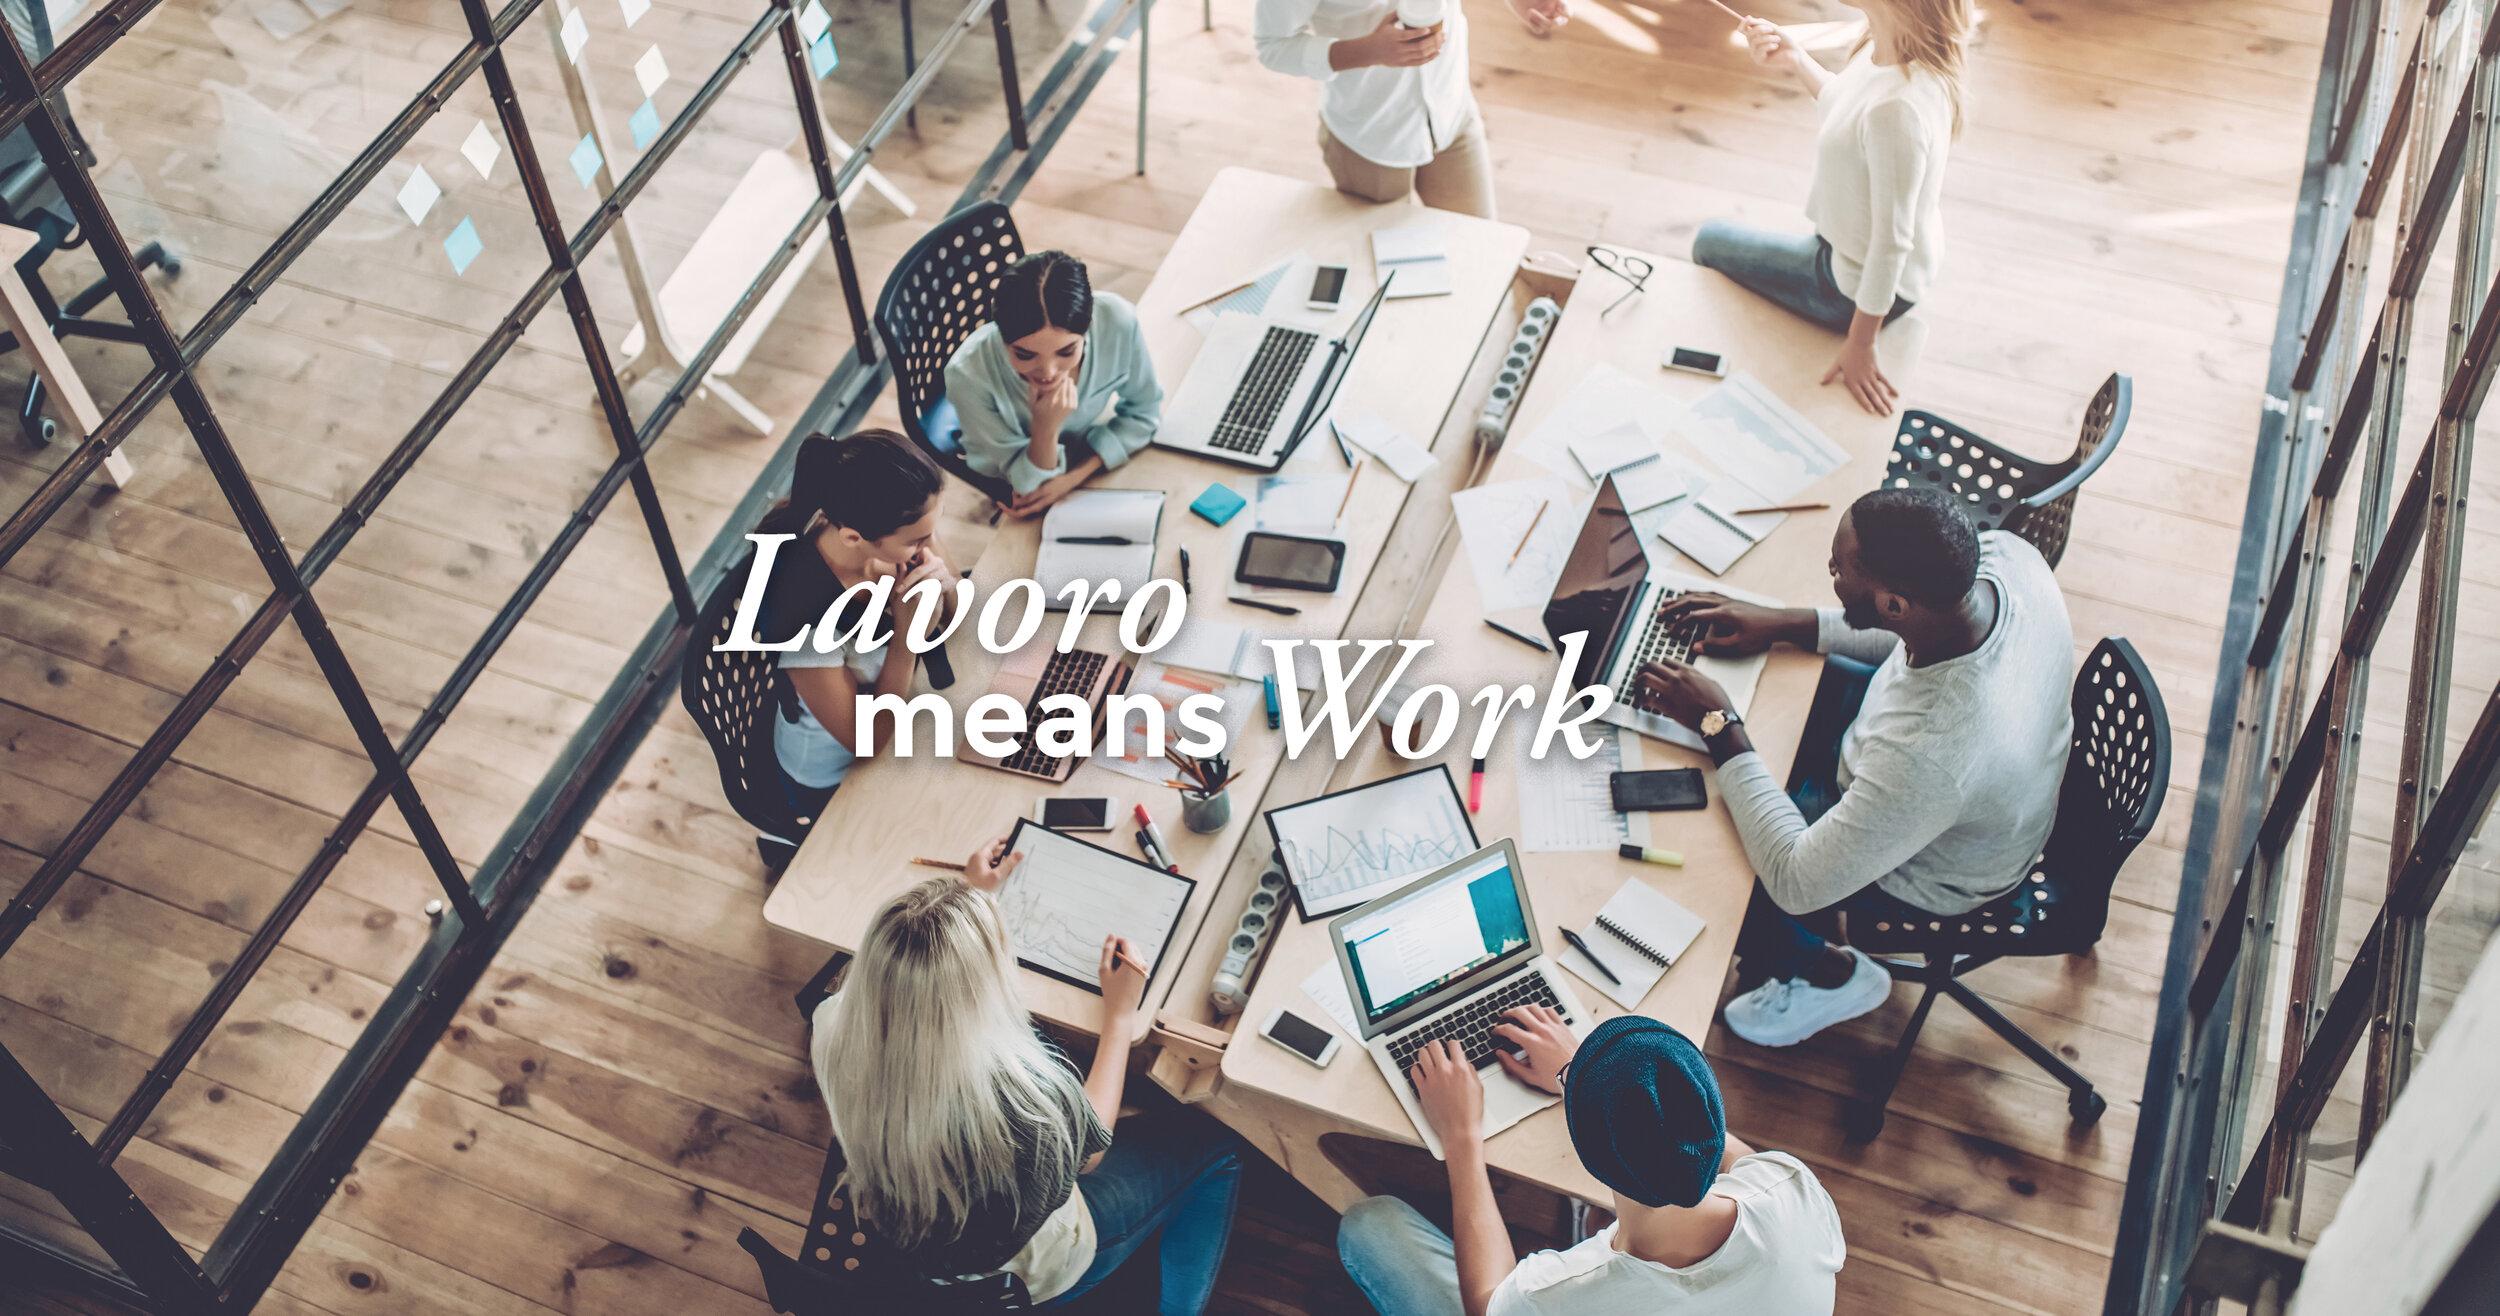 Lavoro-homepage-slider-01.jpg